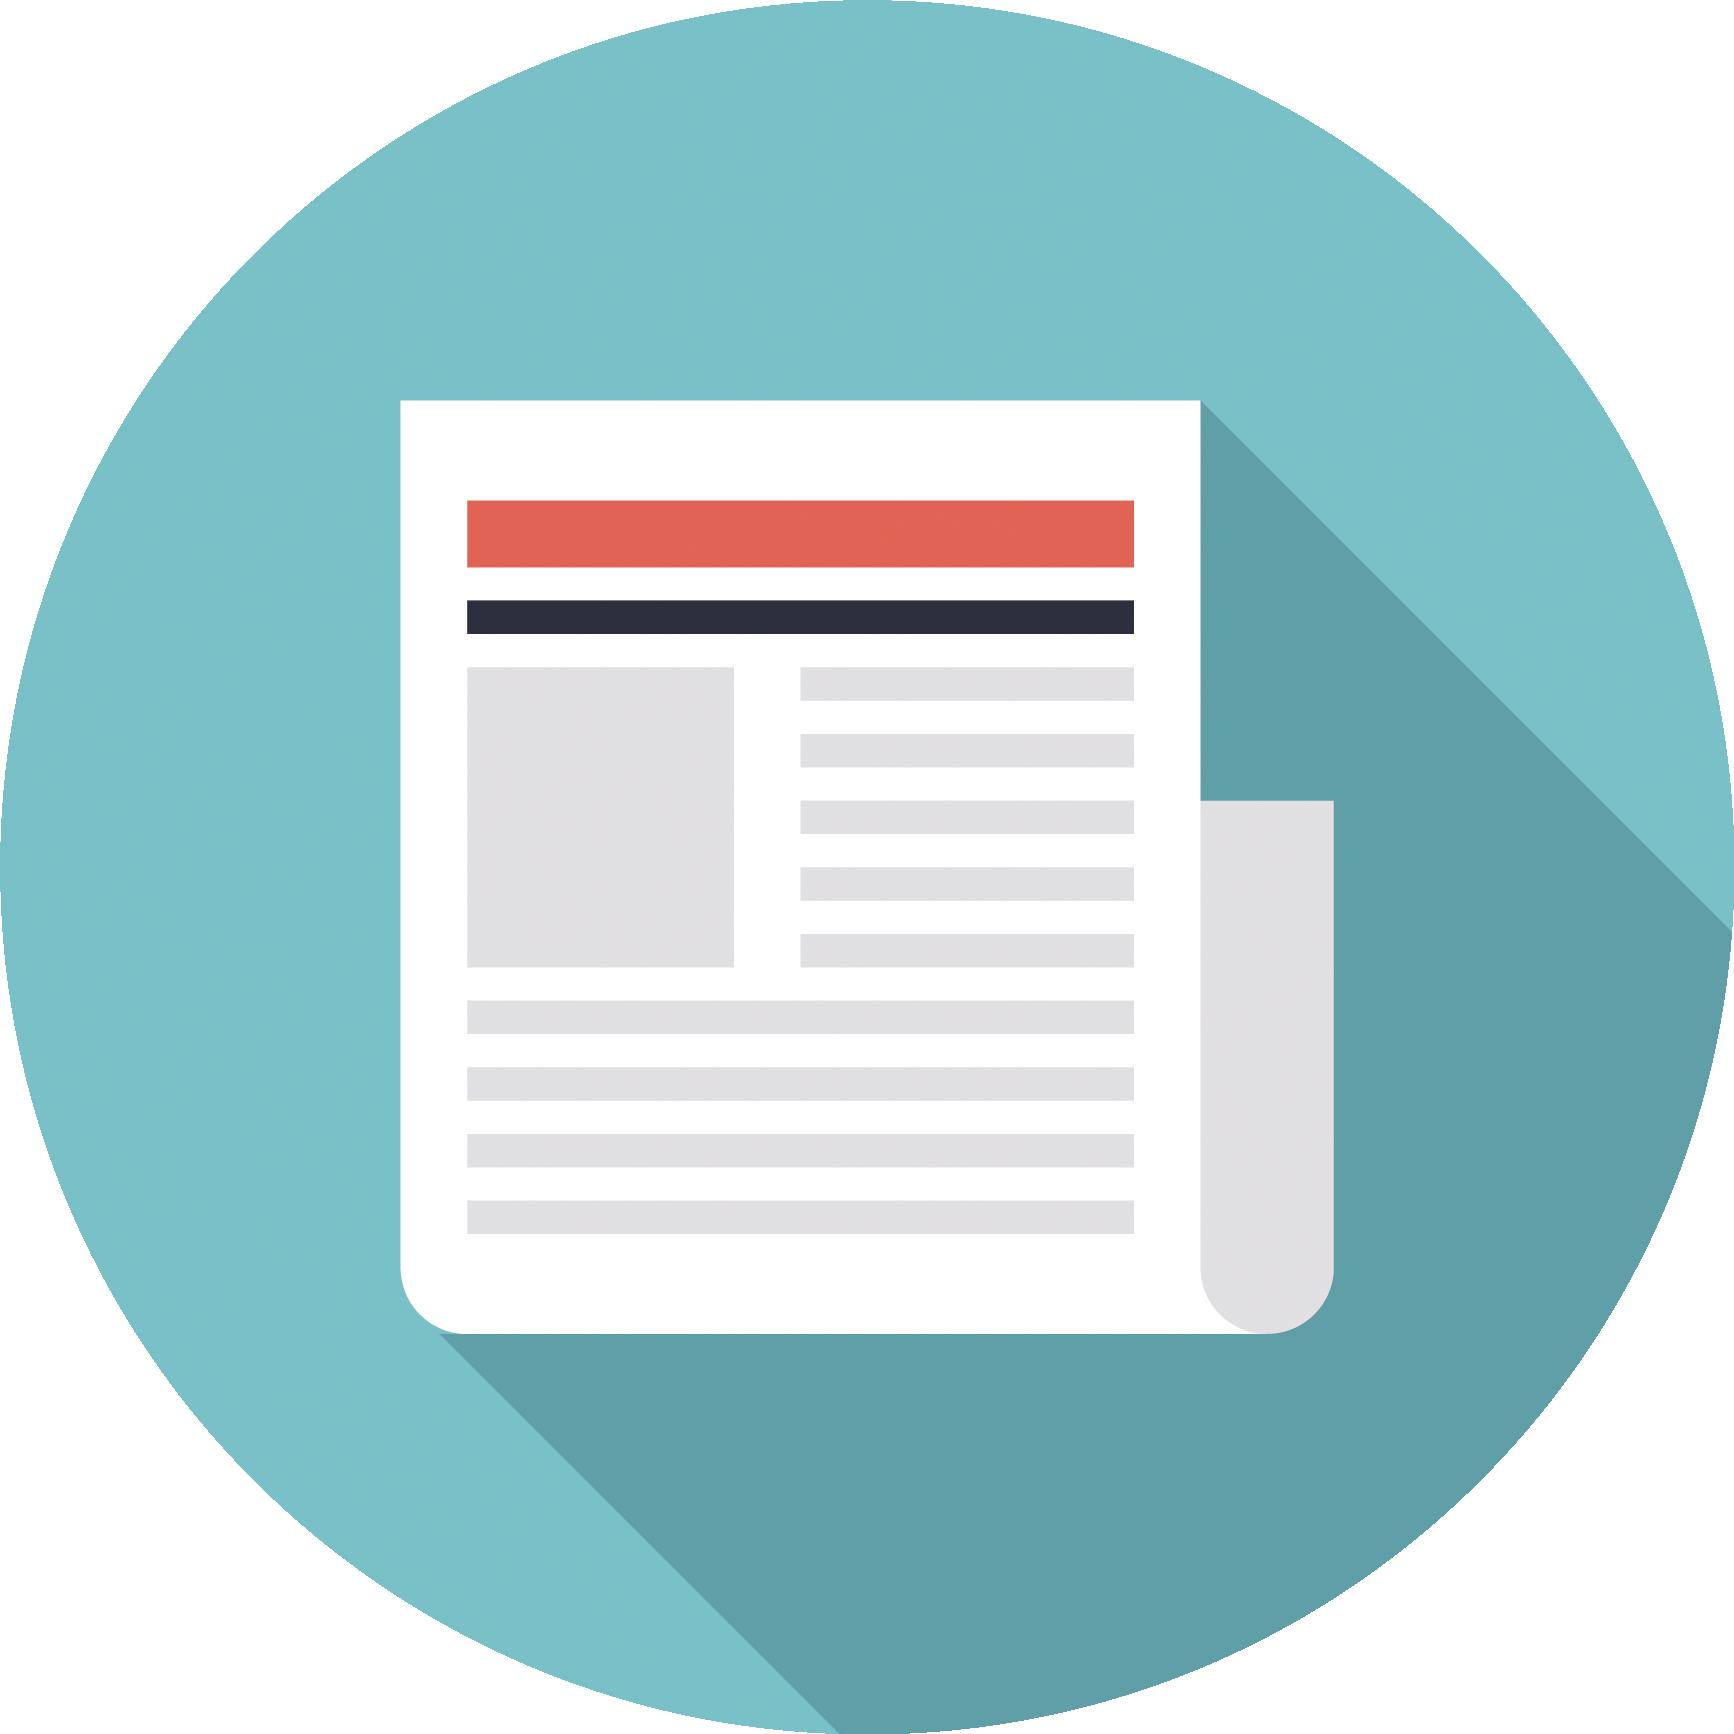 Remboursement d'un compte courant d'associé : cas d'une faute de gestion